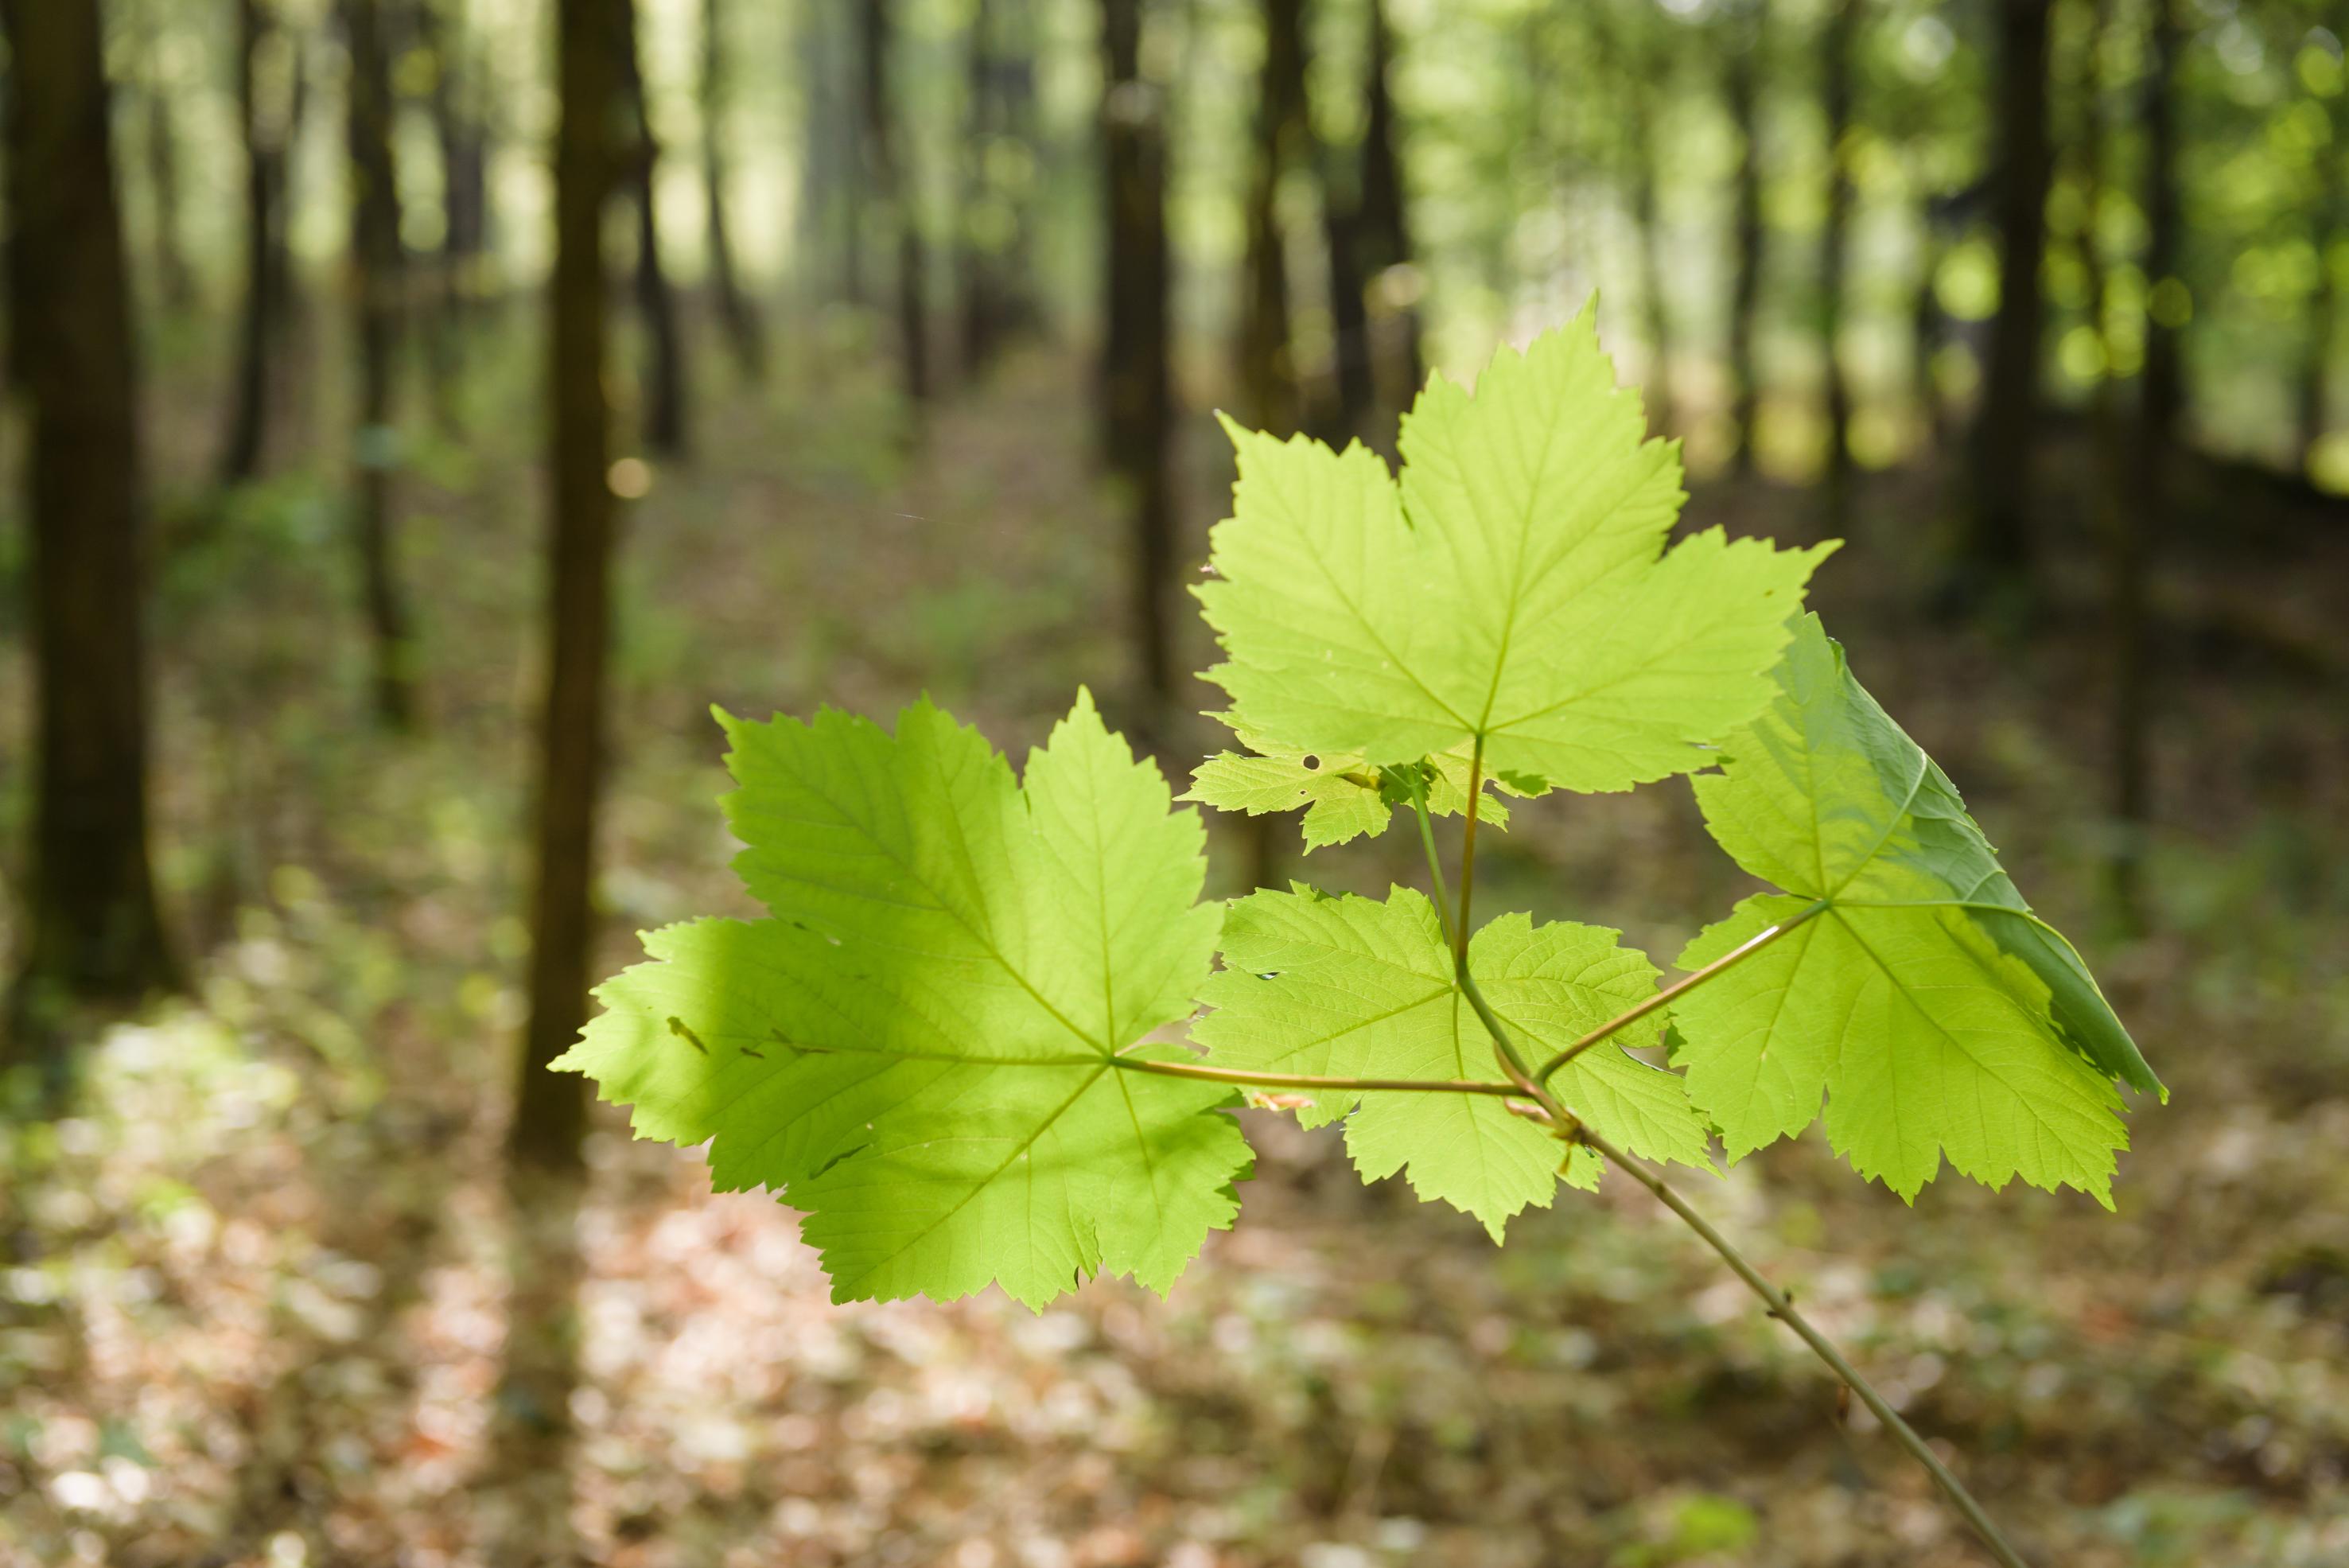 Changer de regard, forêt, arbres, énergie des arbres